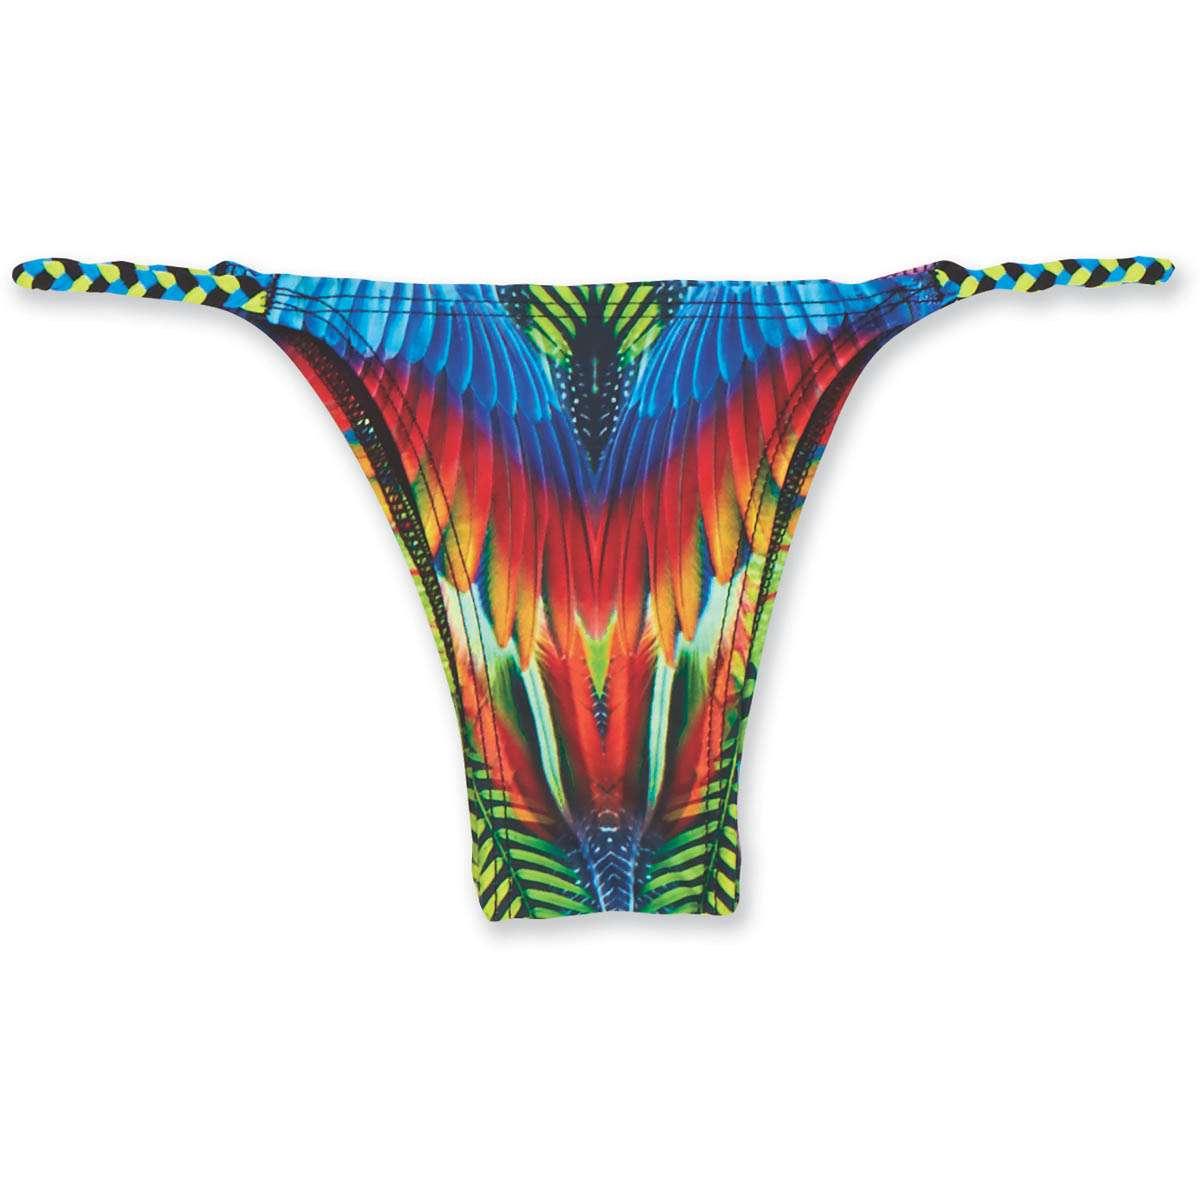 3aed979ce74 Dakine Kelli Braided Bottom Bikini Pants Cha Cha Cha | Dakine Shop